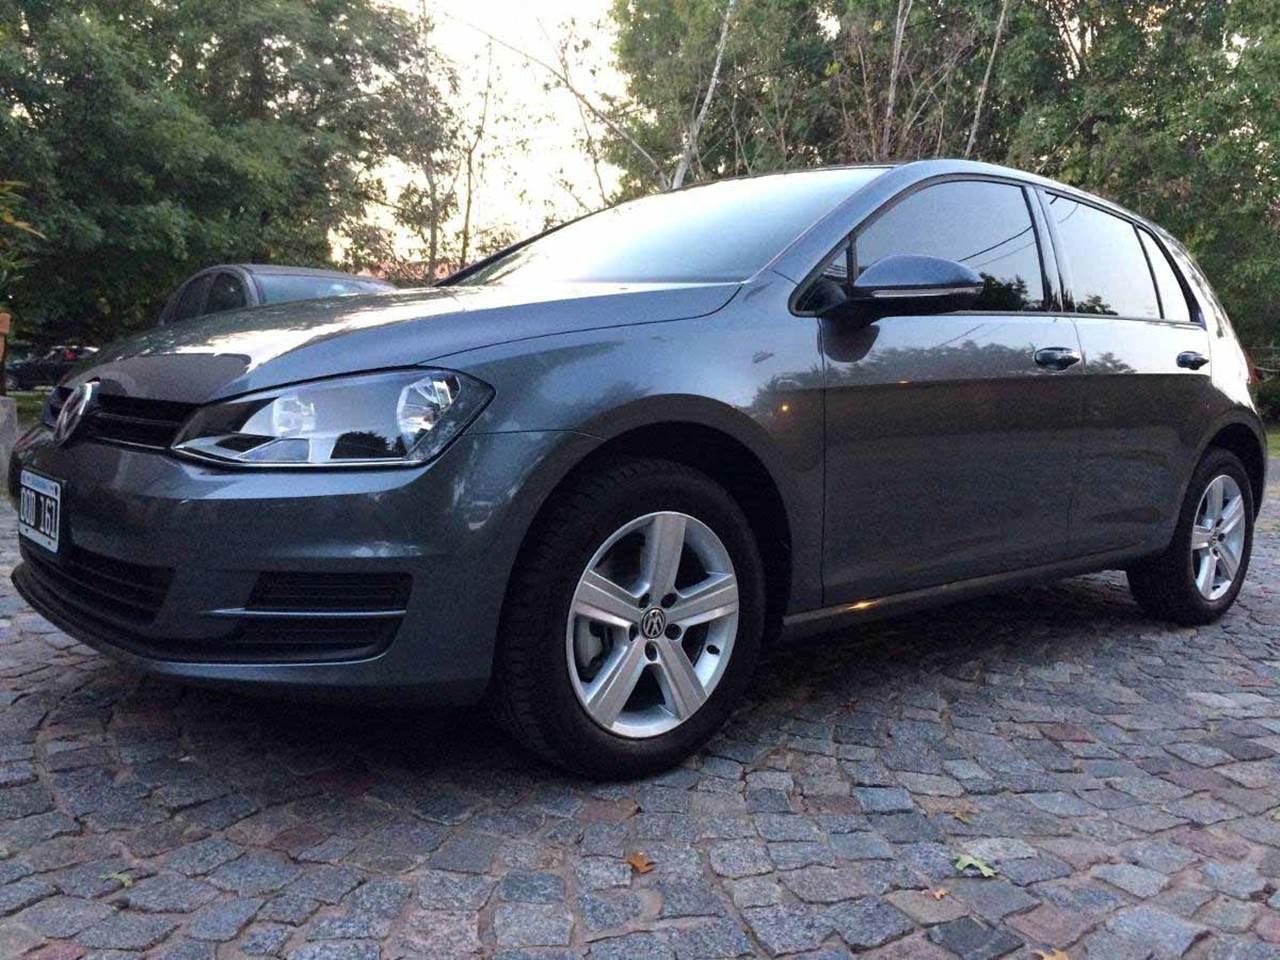 VW Golf Trendline 1.6 16V 2016 - Rodas Dover